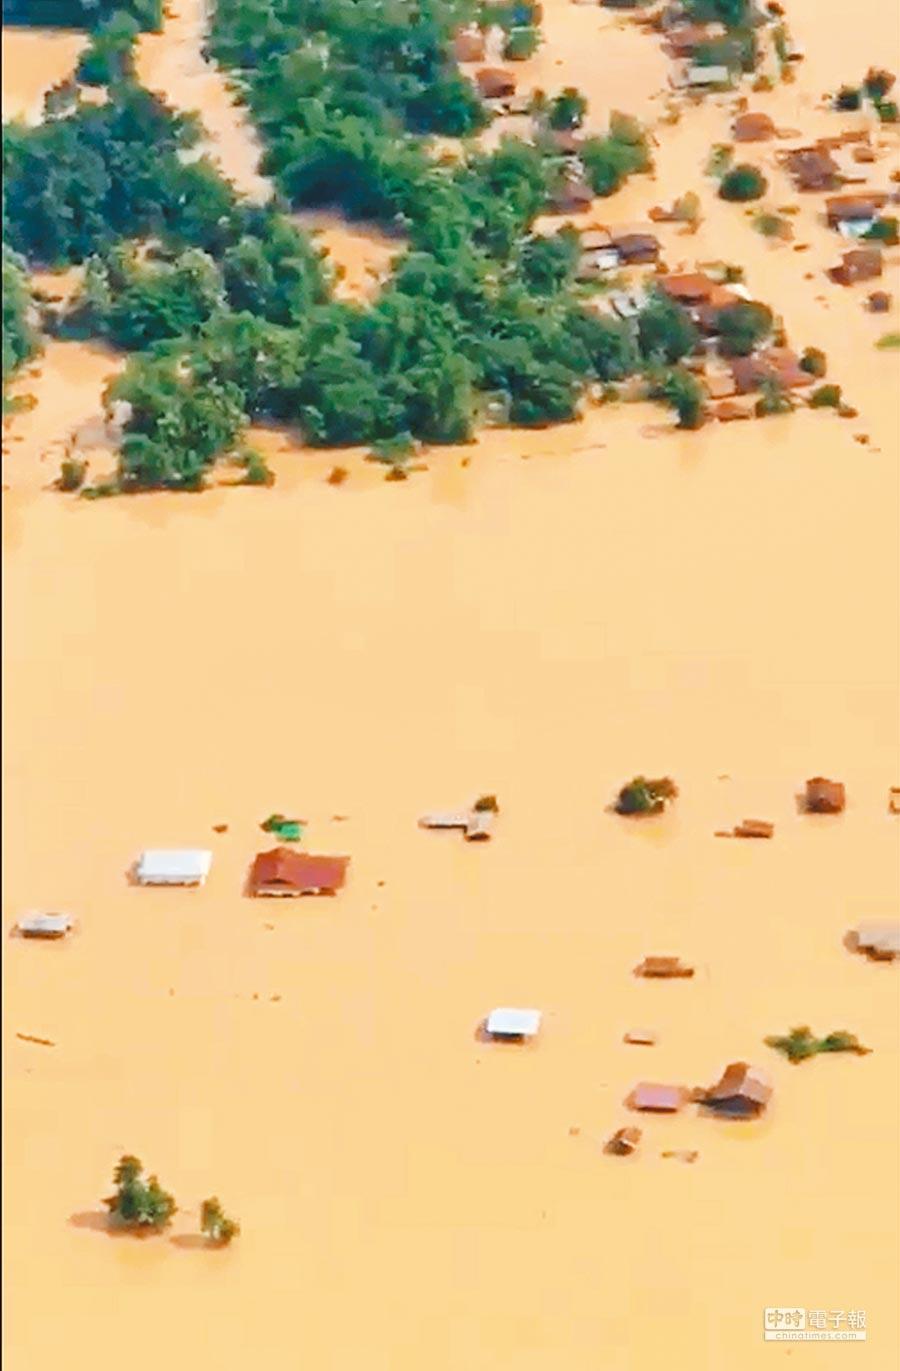 這是寮國電視台所拍攝到、湄公河水壩潰堤,淹沒下游地區的畫面。(法新社)